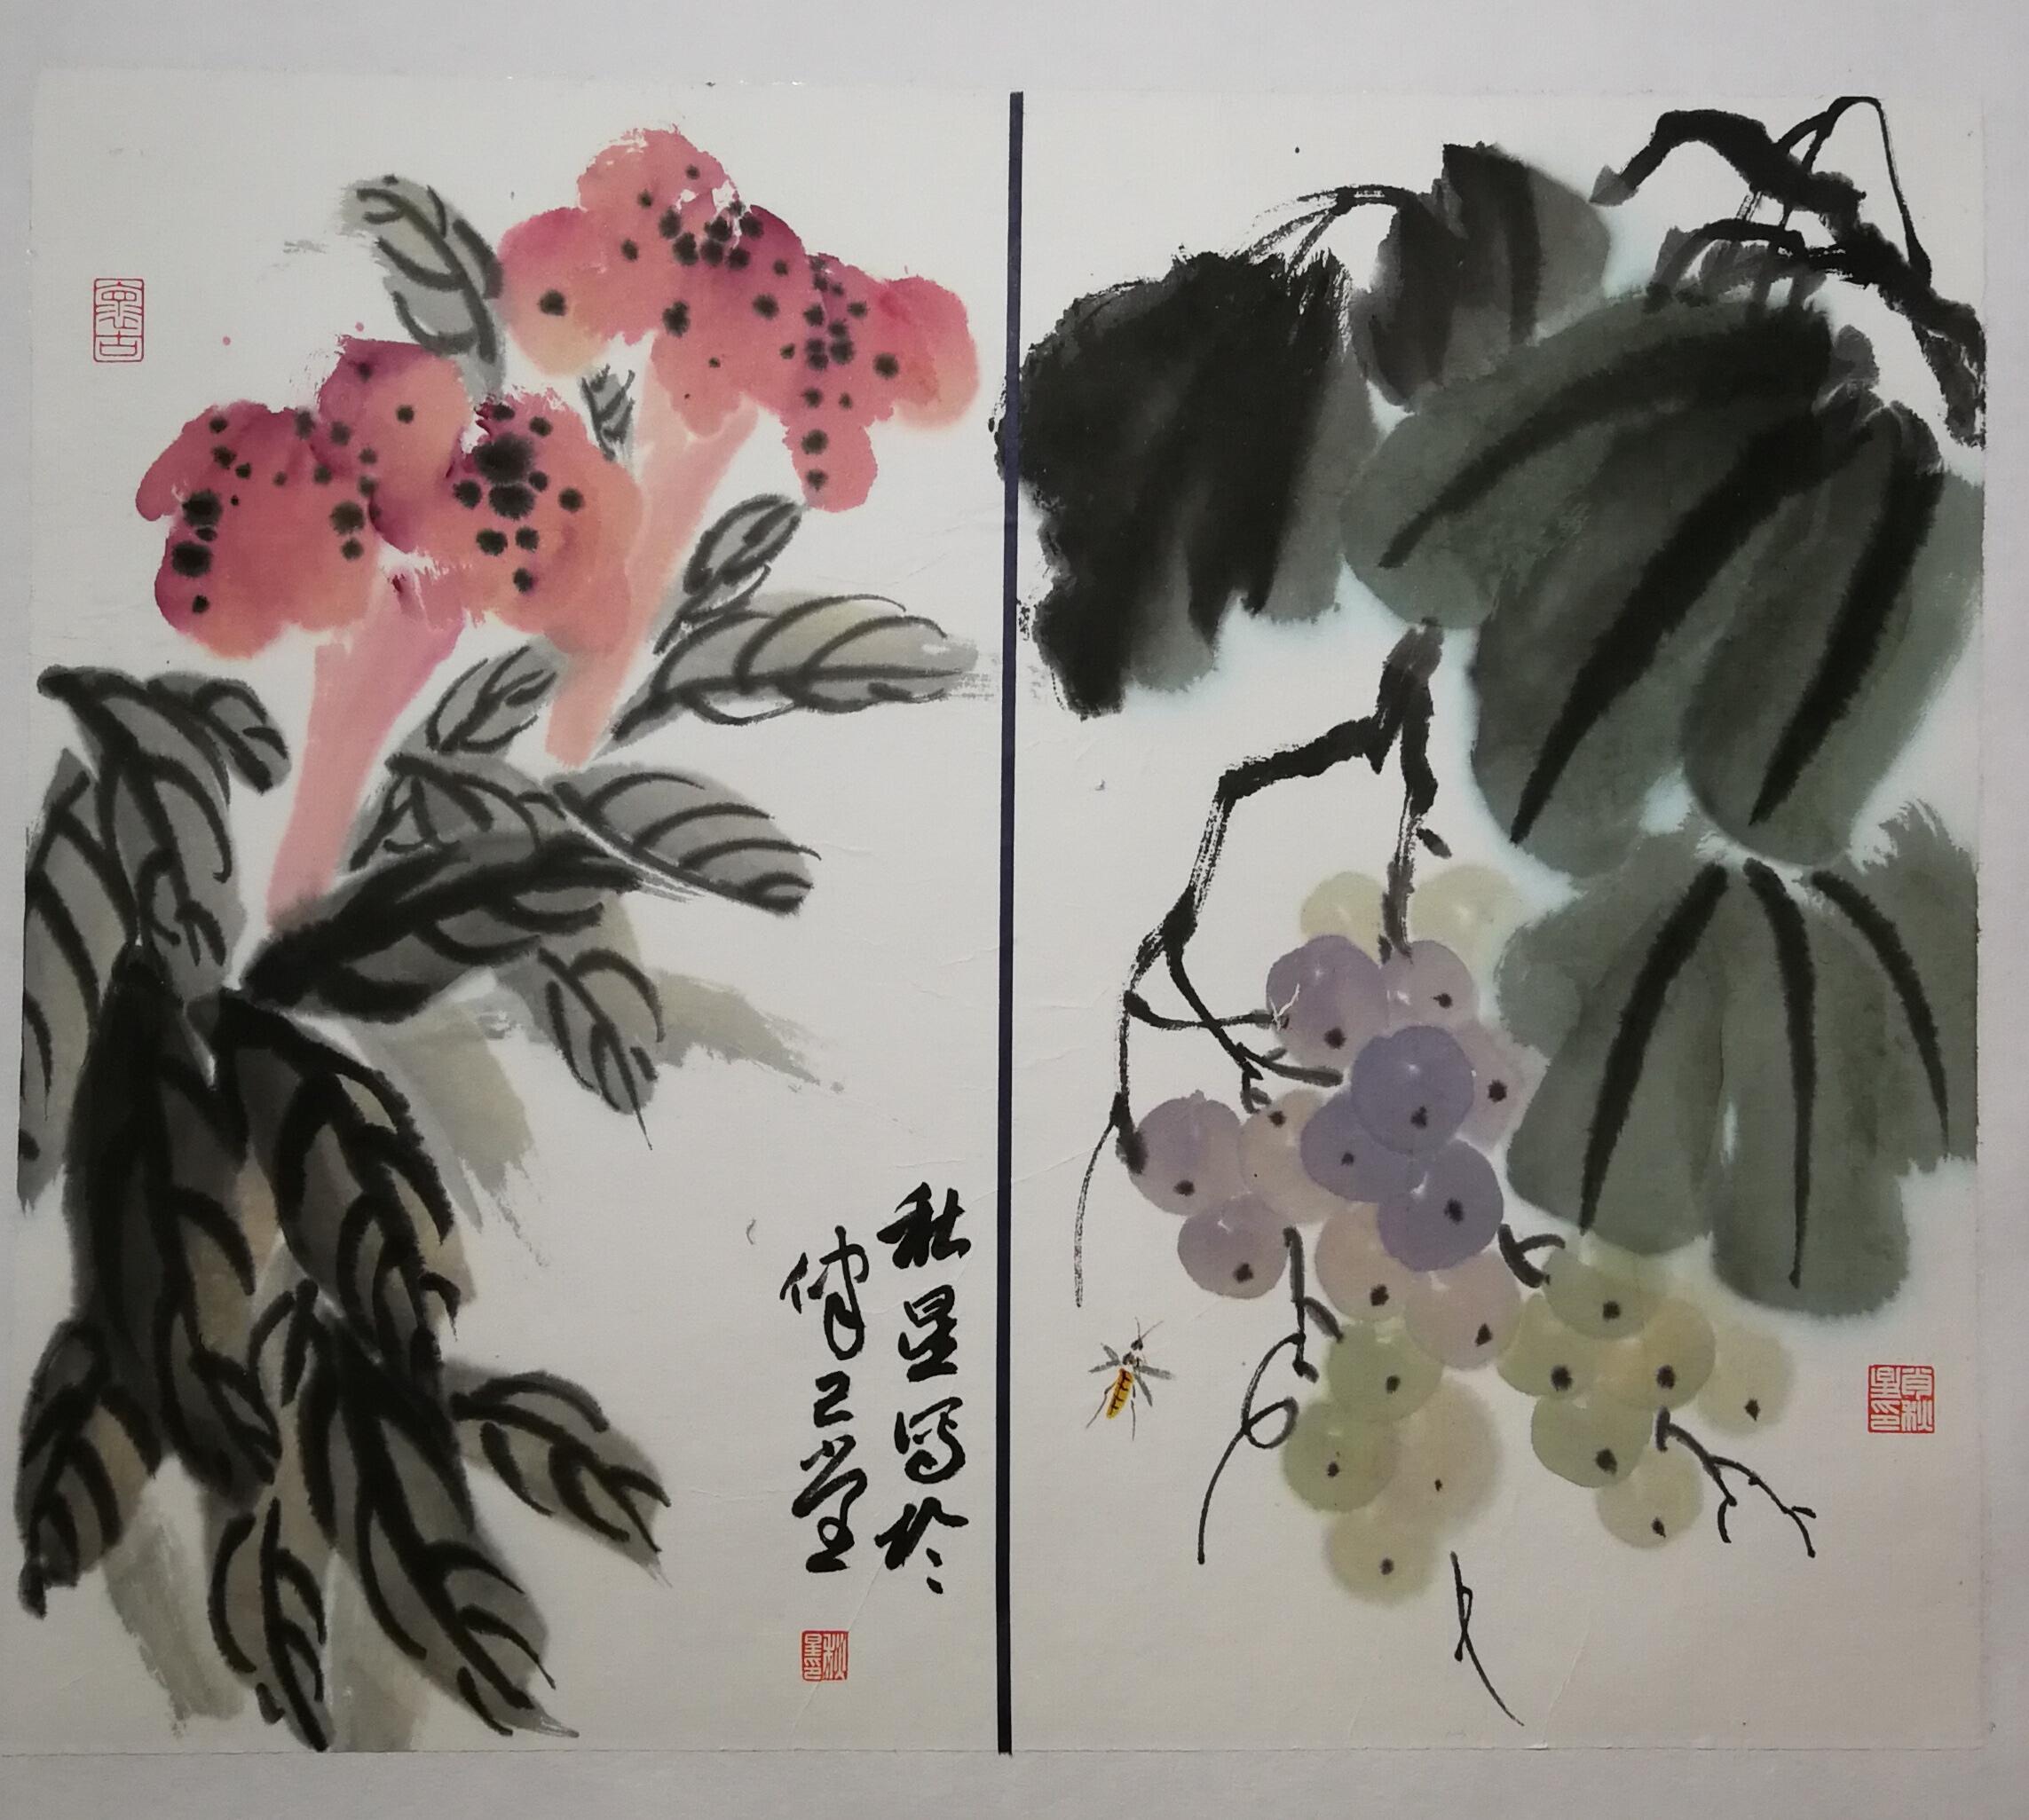 梧桐树下国画班-百步亭校区